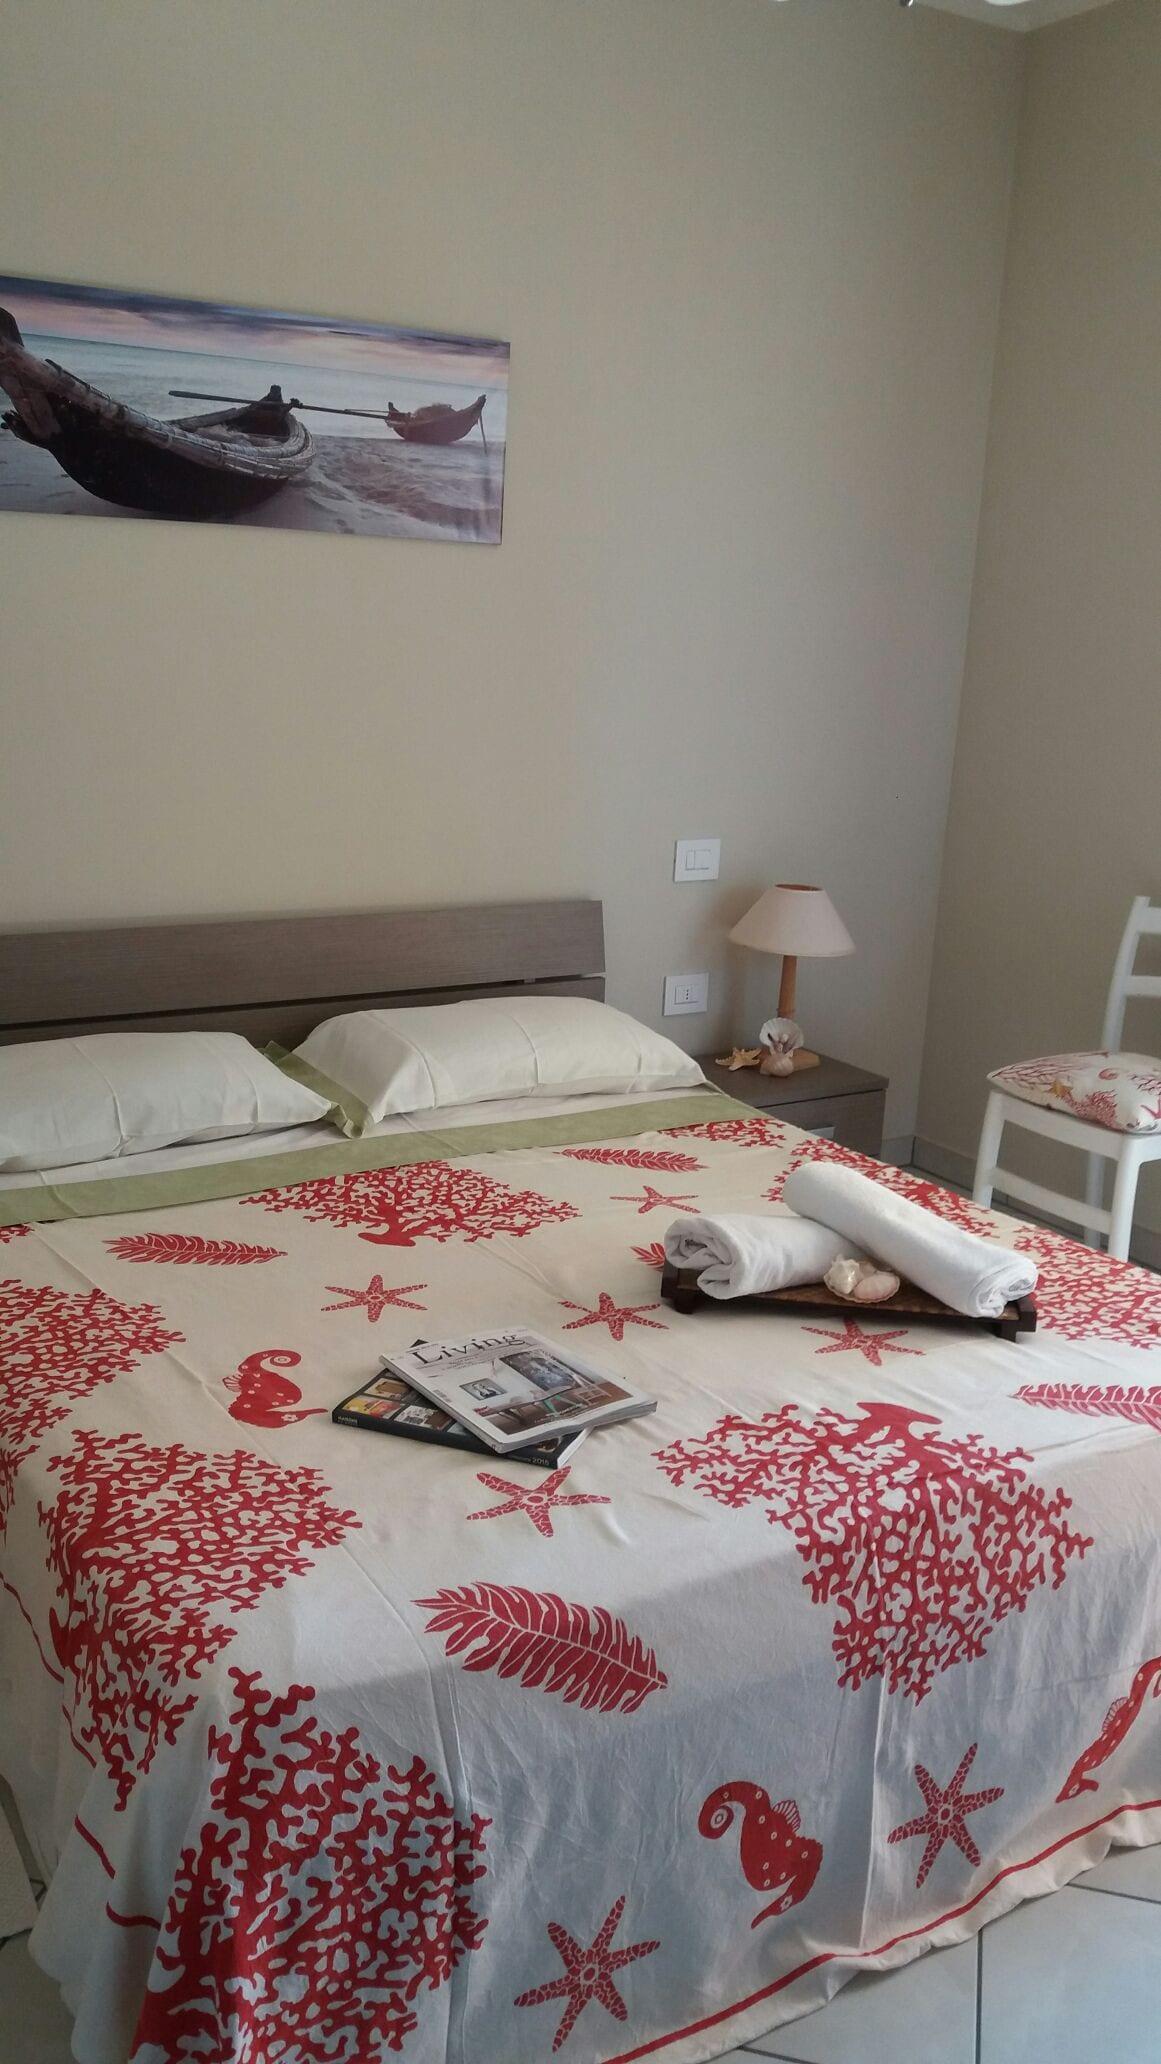 Rent apartment in Tortoreto month